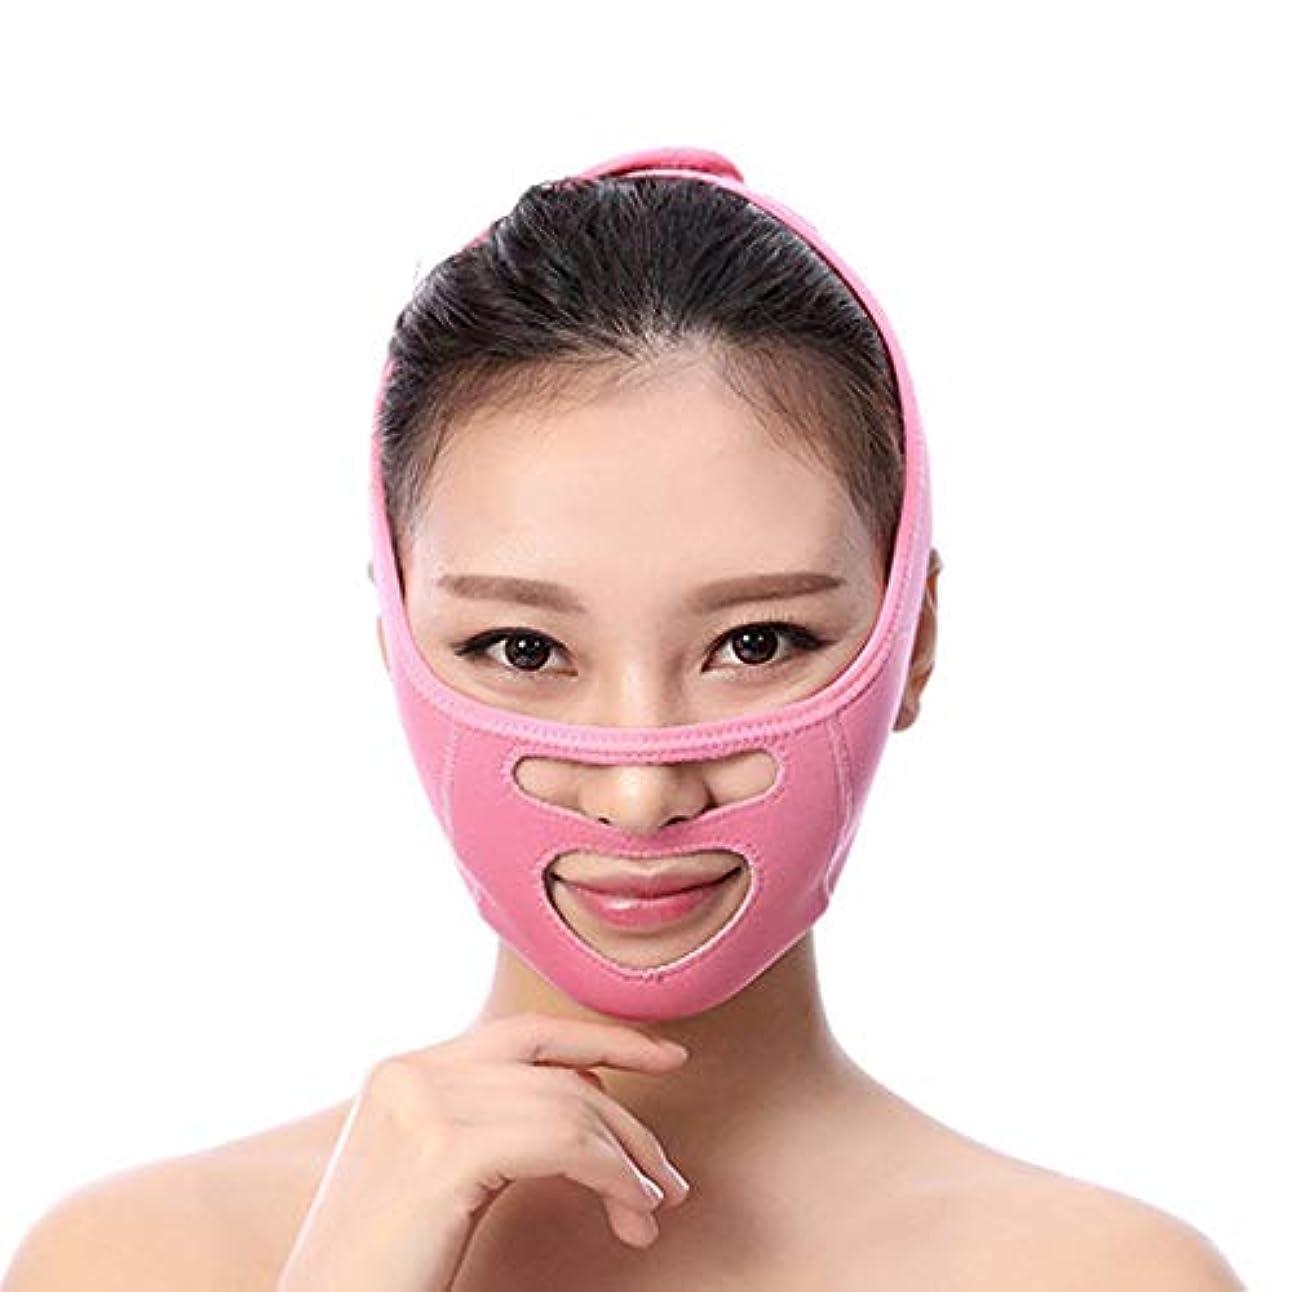 フィードバック設置生産性Jia He 軽量 薄い顔ベルト、Vフェイスアーティファクト通気性睡眠包帯は、二重あご美容補正マスクでアンチリンクルフェイスリフト ## (Color : Pink)